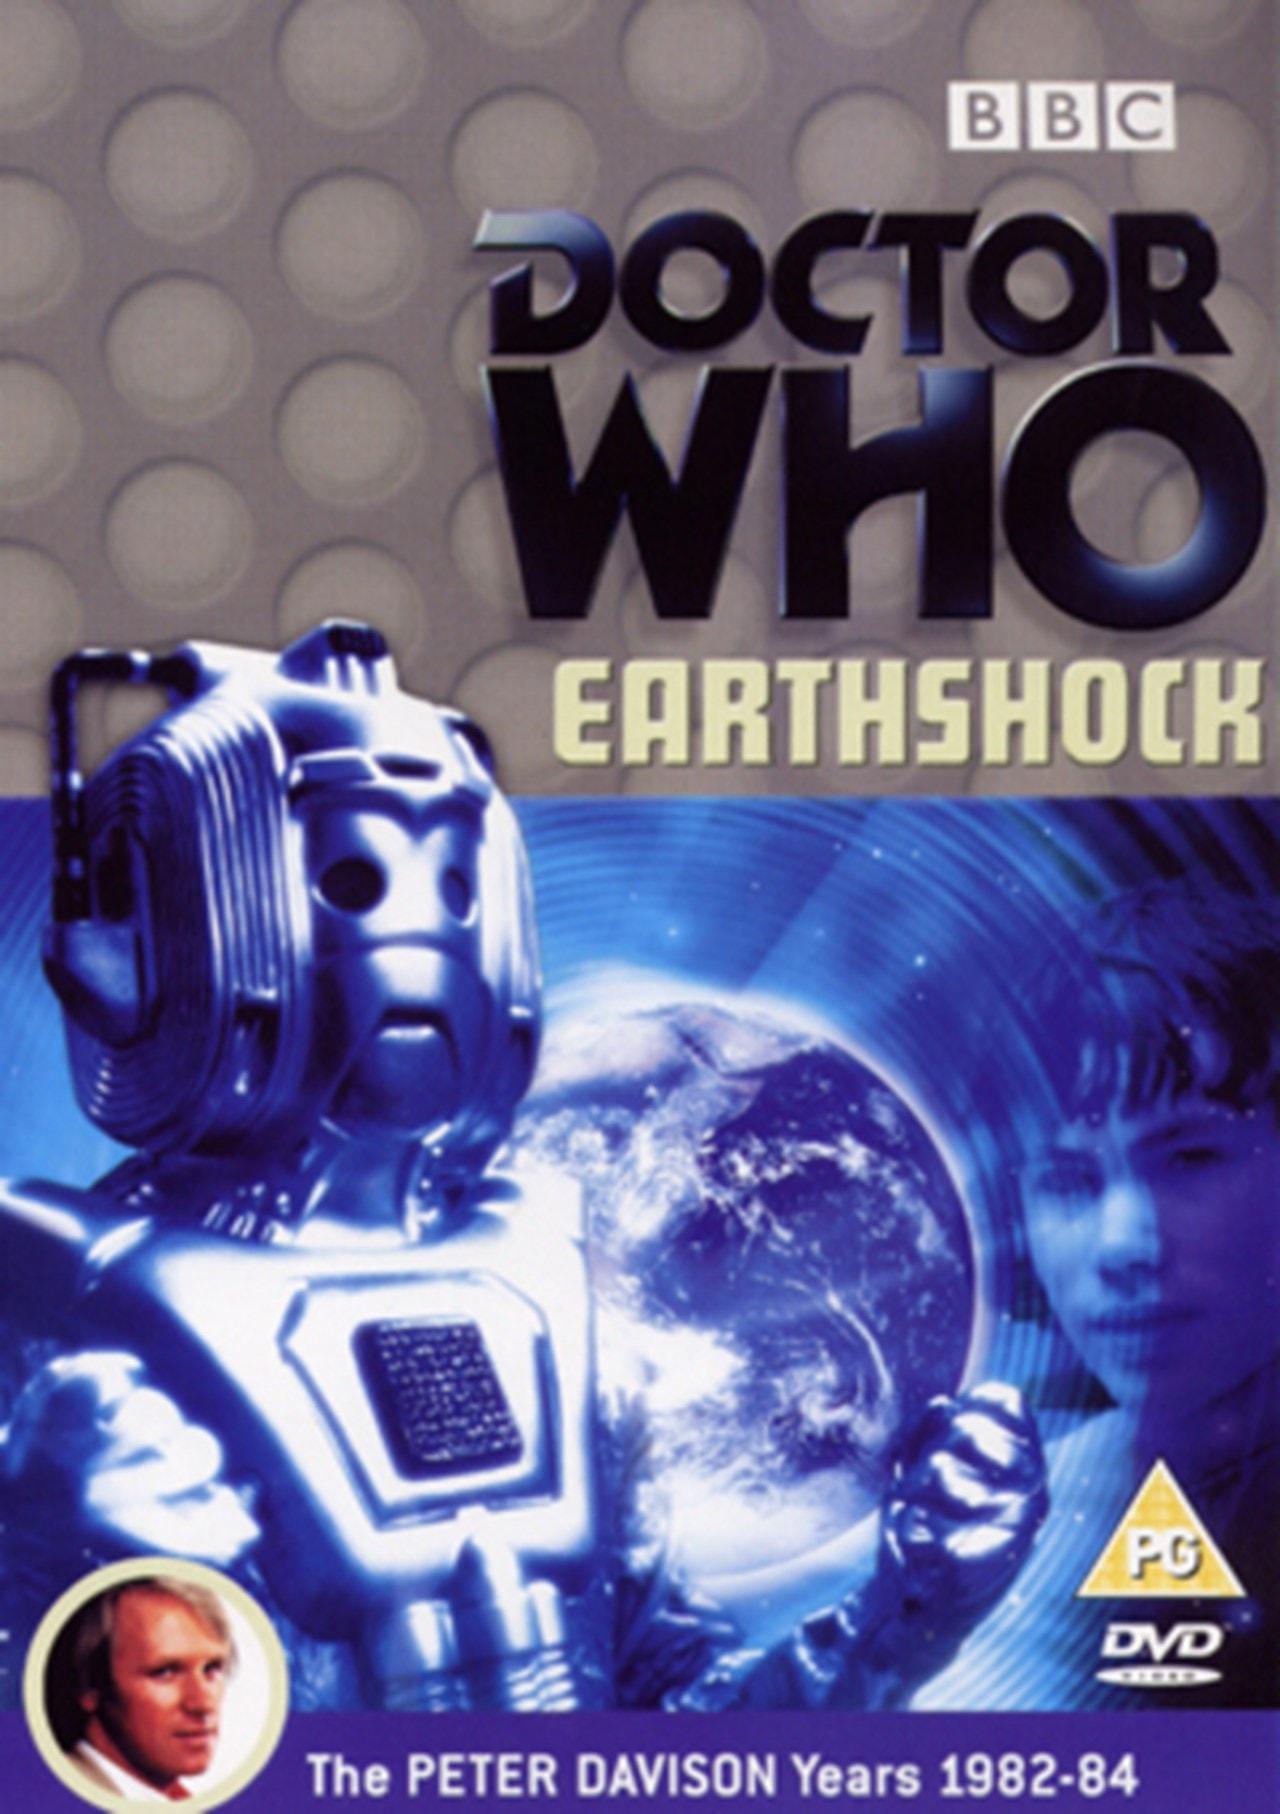 Doctor Who: Earthshock - 1